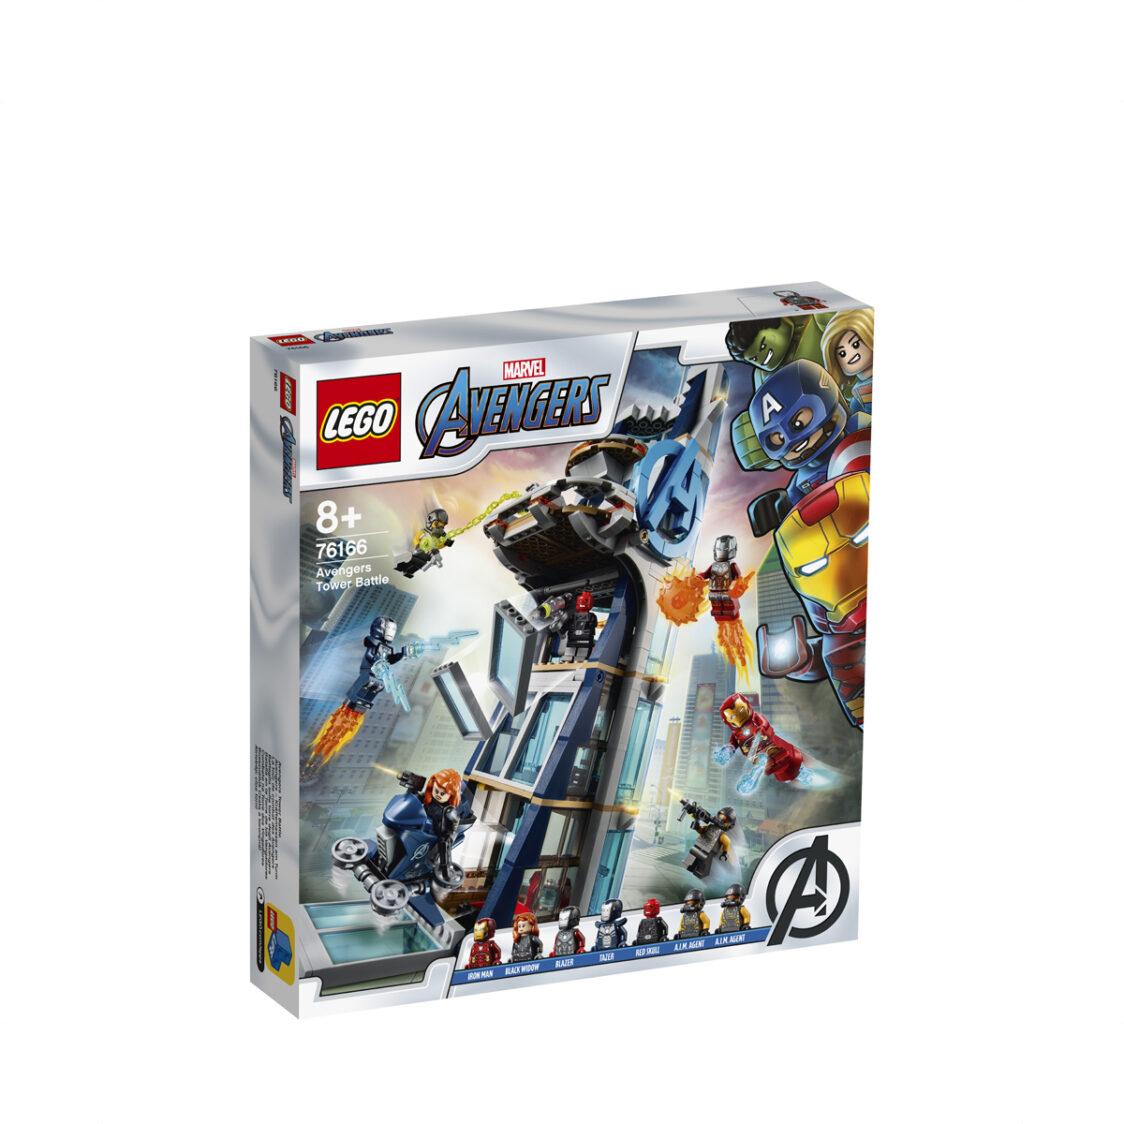 LEGO Avengers Tower Battle 76166 V29